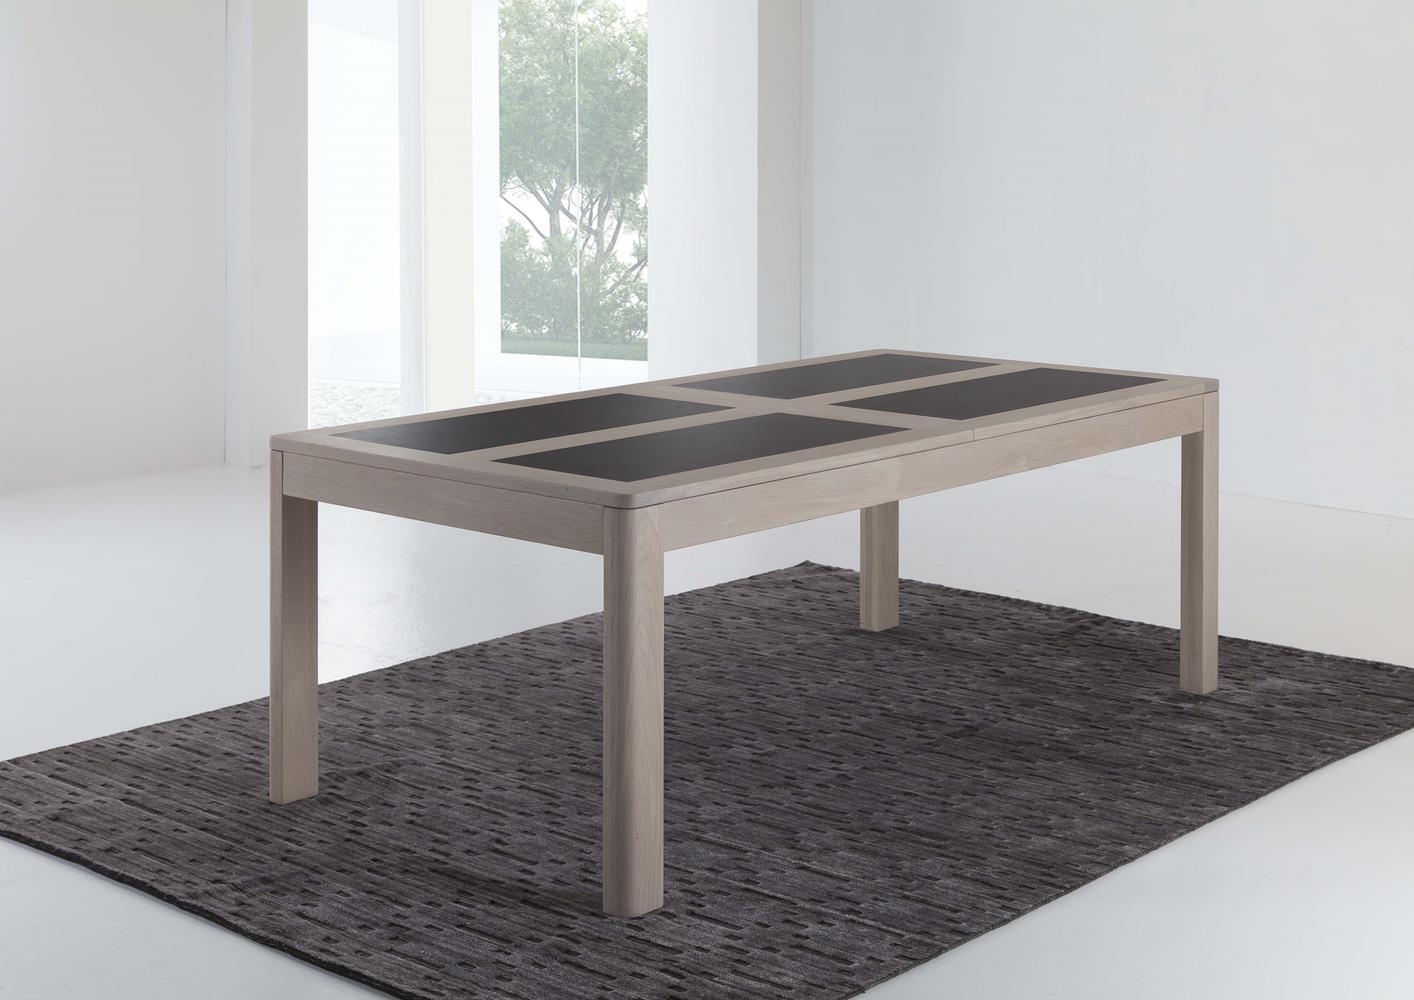 Table En Chêne Massif Avec Céramique Sur Plateau destiné Table Salle A Manger Plateau Ceramique